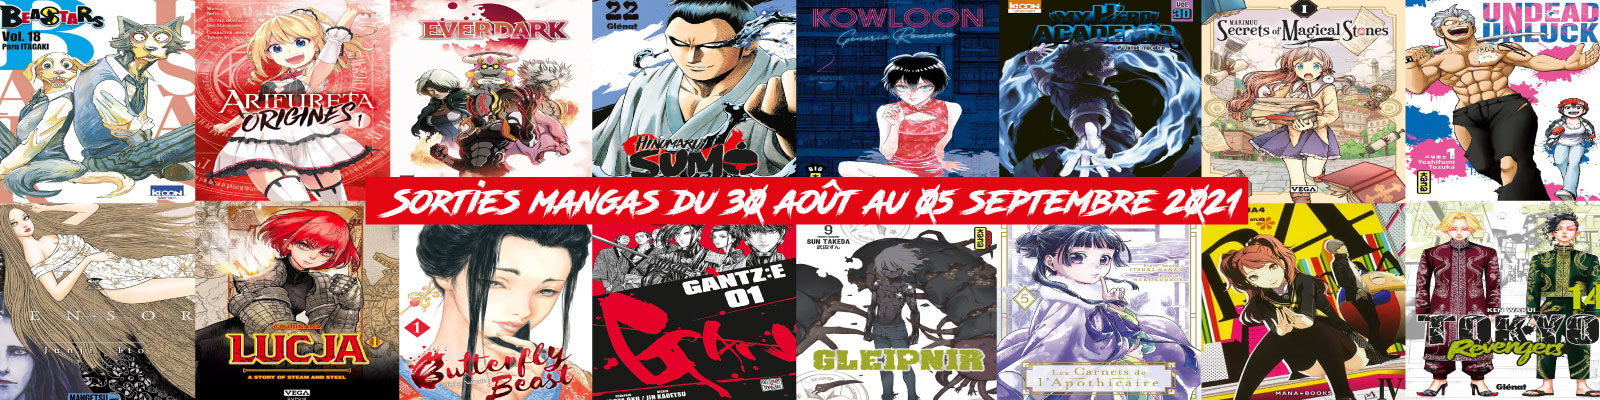 sorties mangas-3005